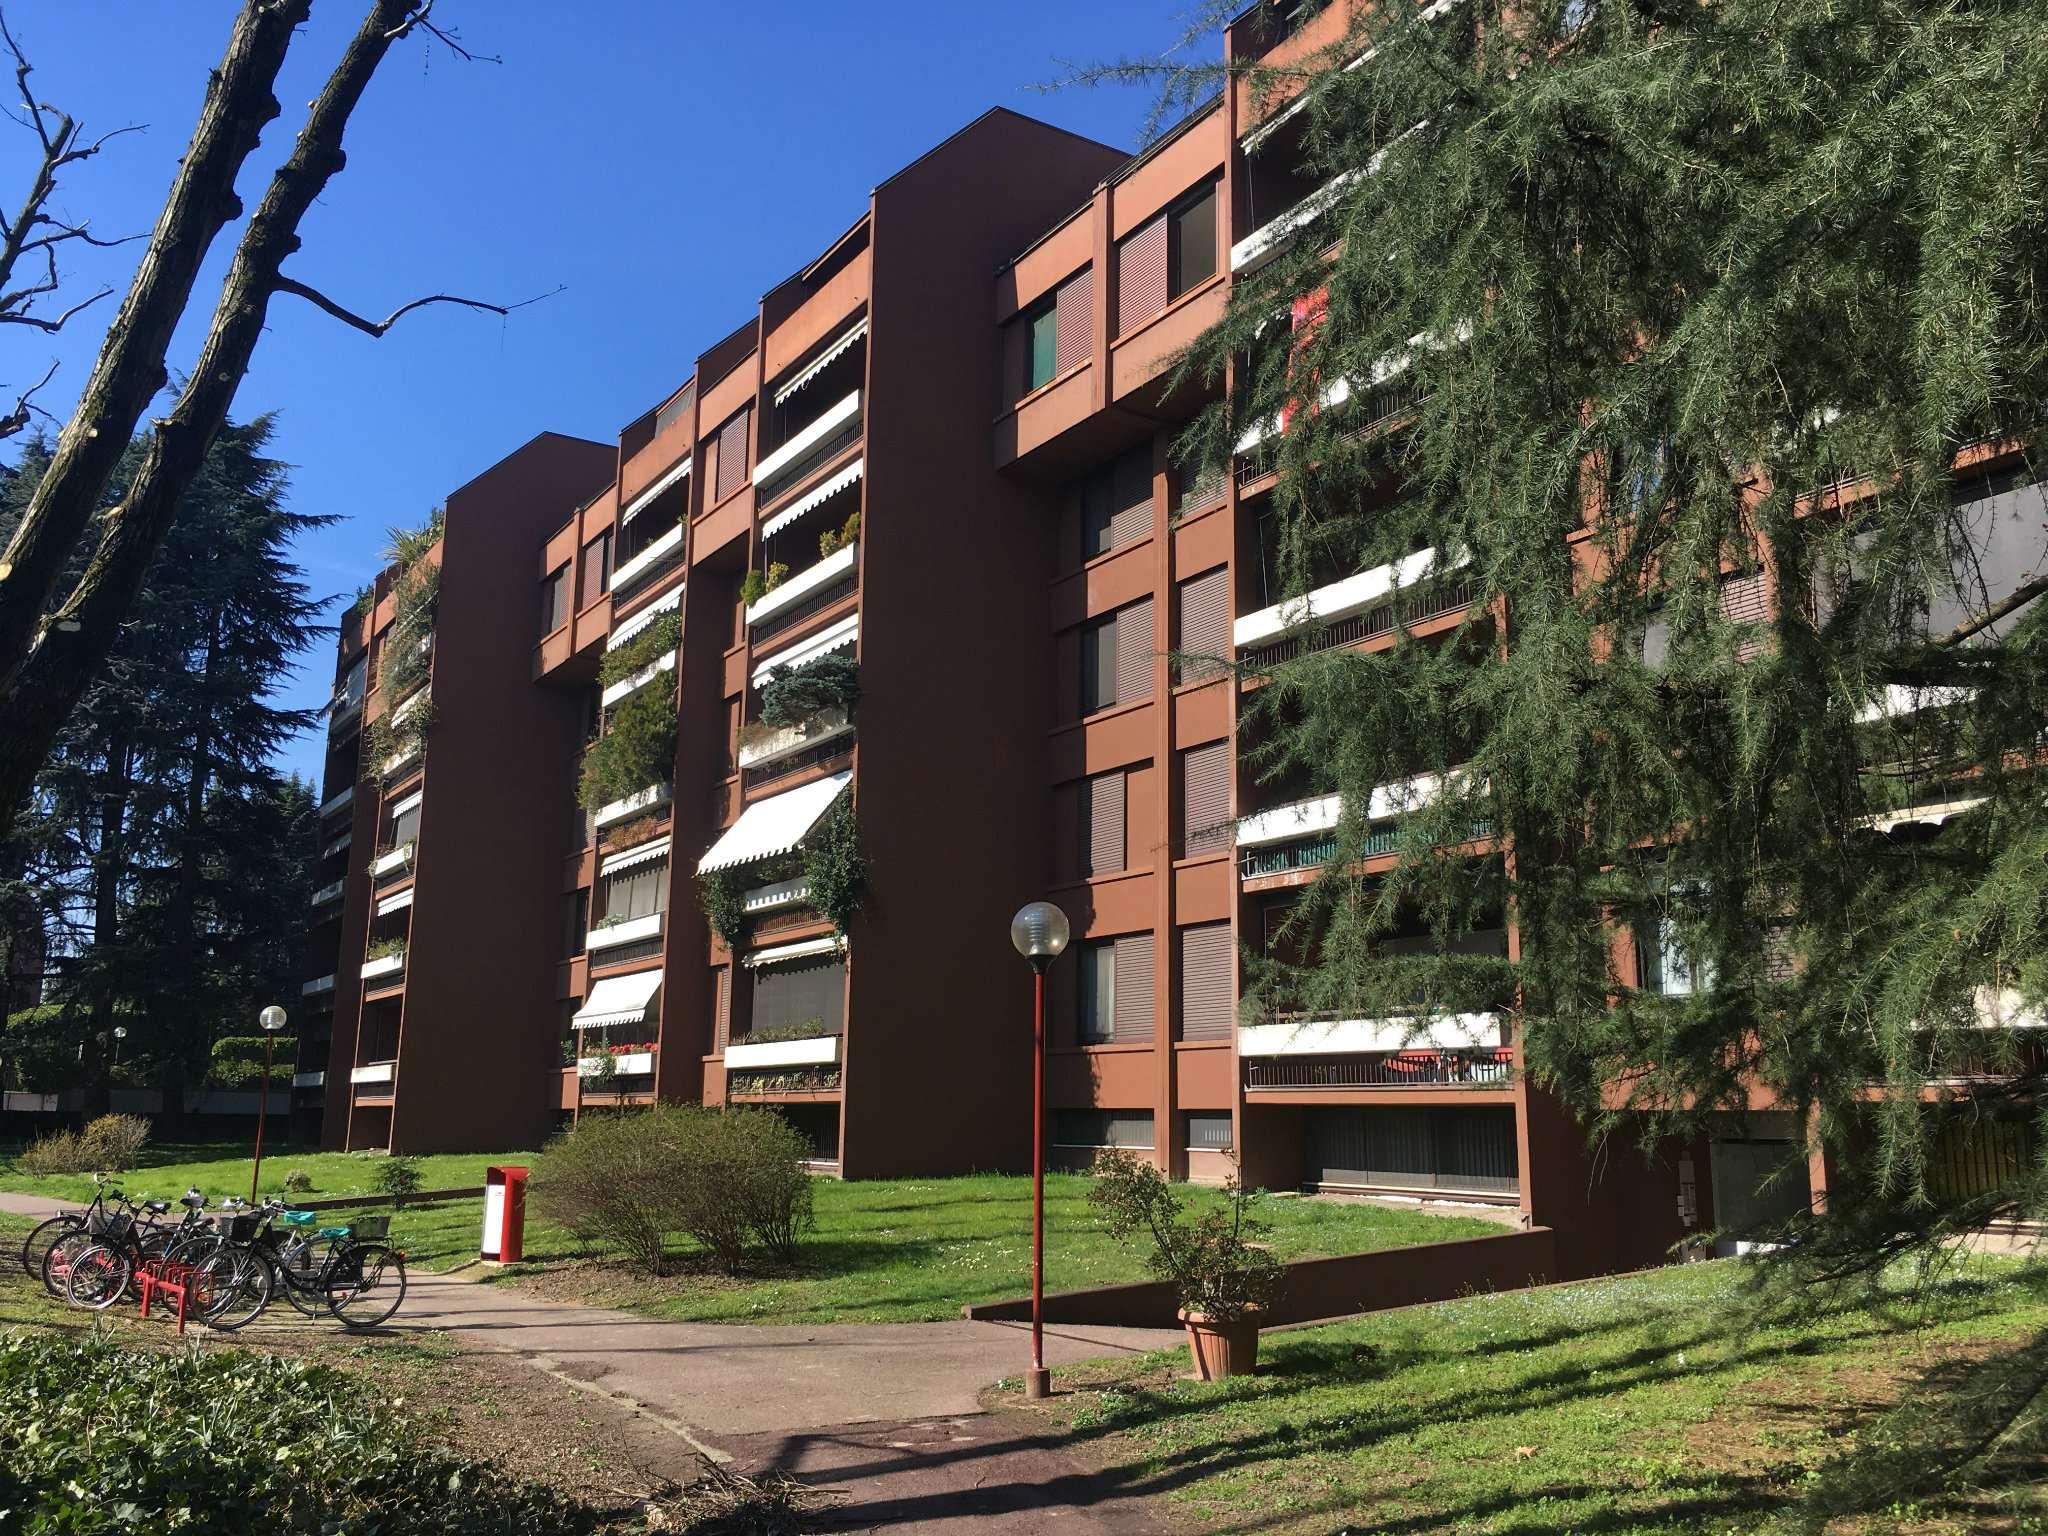 Appartamento in vendita a Basiglio, 4 locali, prezzo € 250.000 | CambioCasa.it